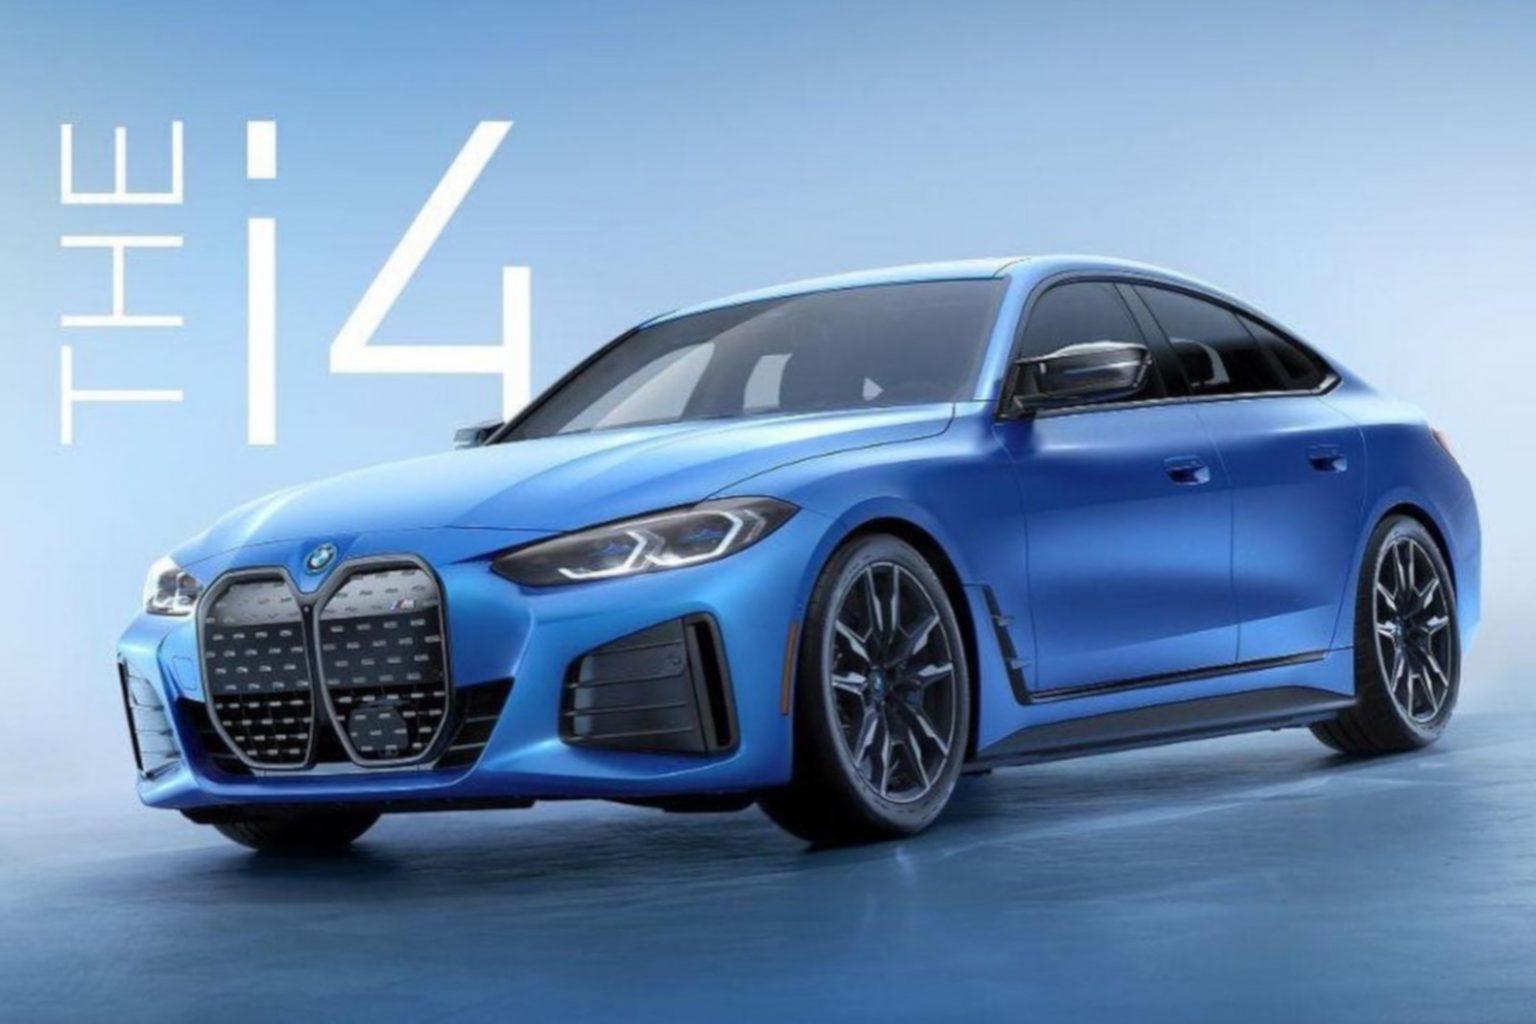 https://cdn.bimmertoday.de/wp-content/uploads/2021/05/2021-BMW-i4-M50-Teaser-Blau-1536x1024.jpg